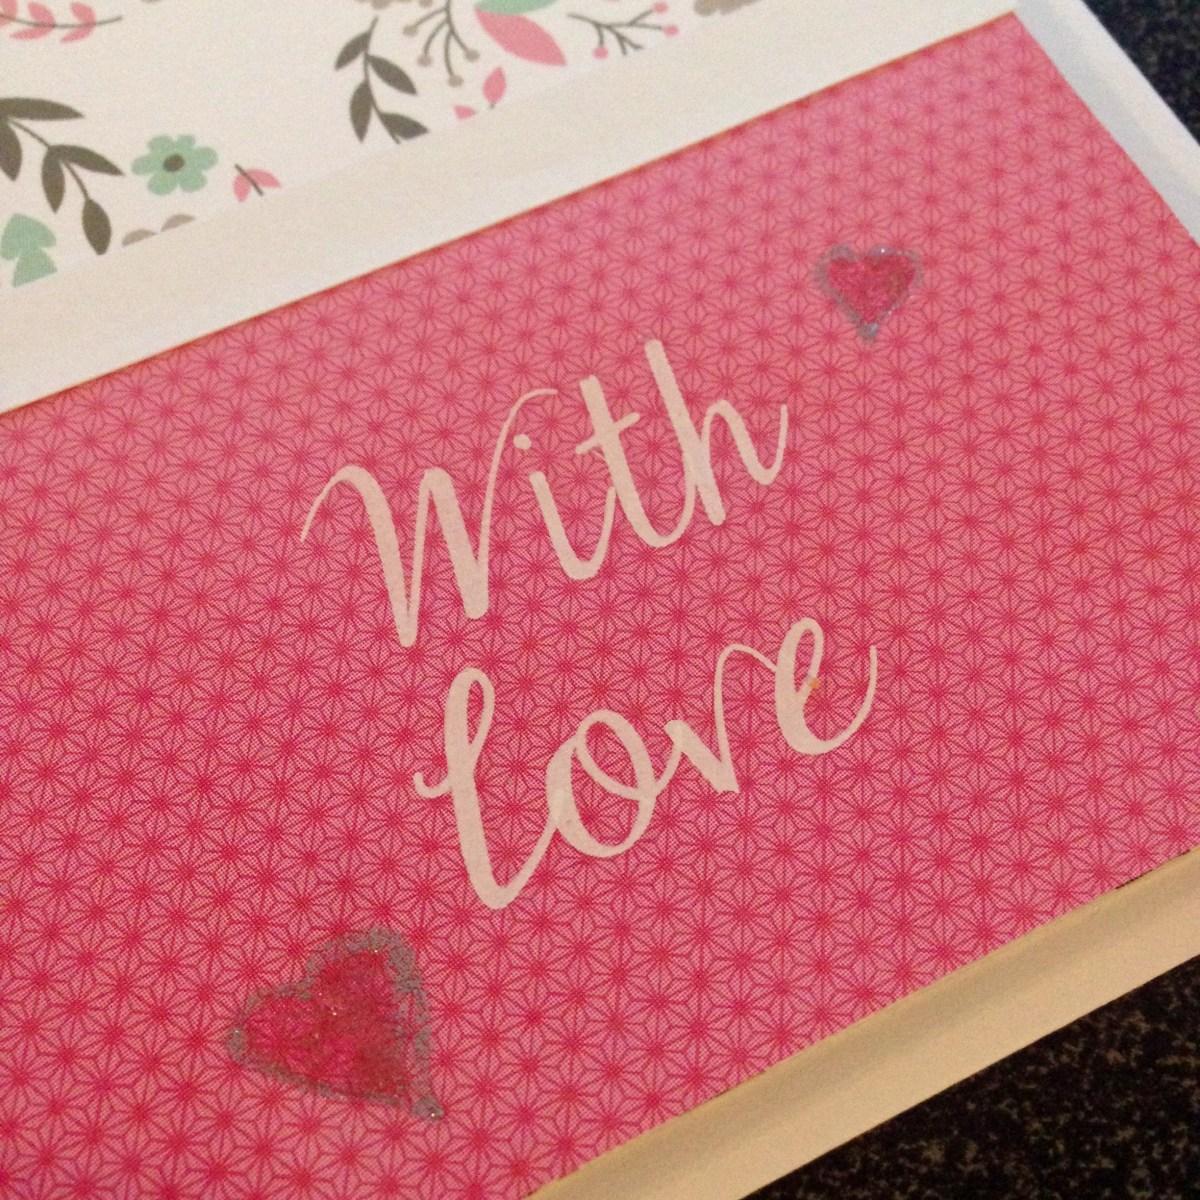 Détail carte anniversaire fait main With Love